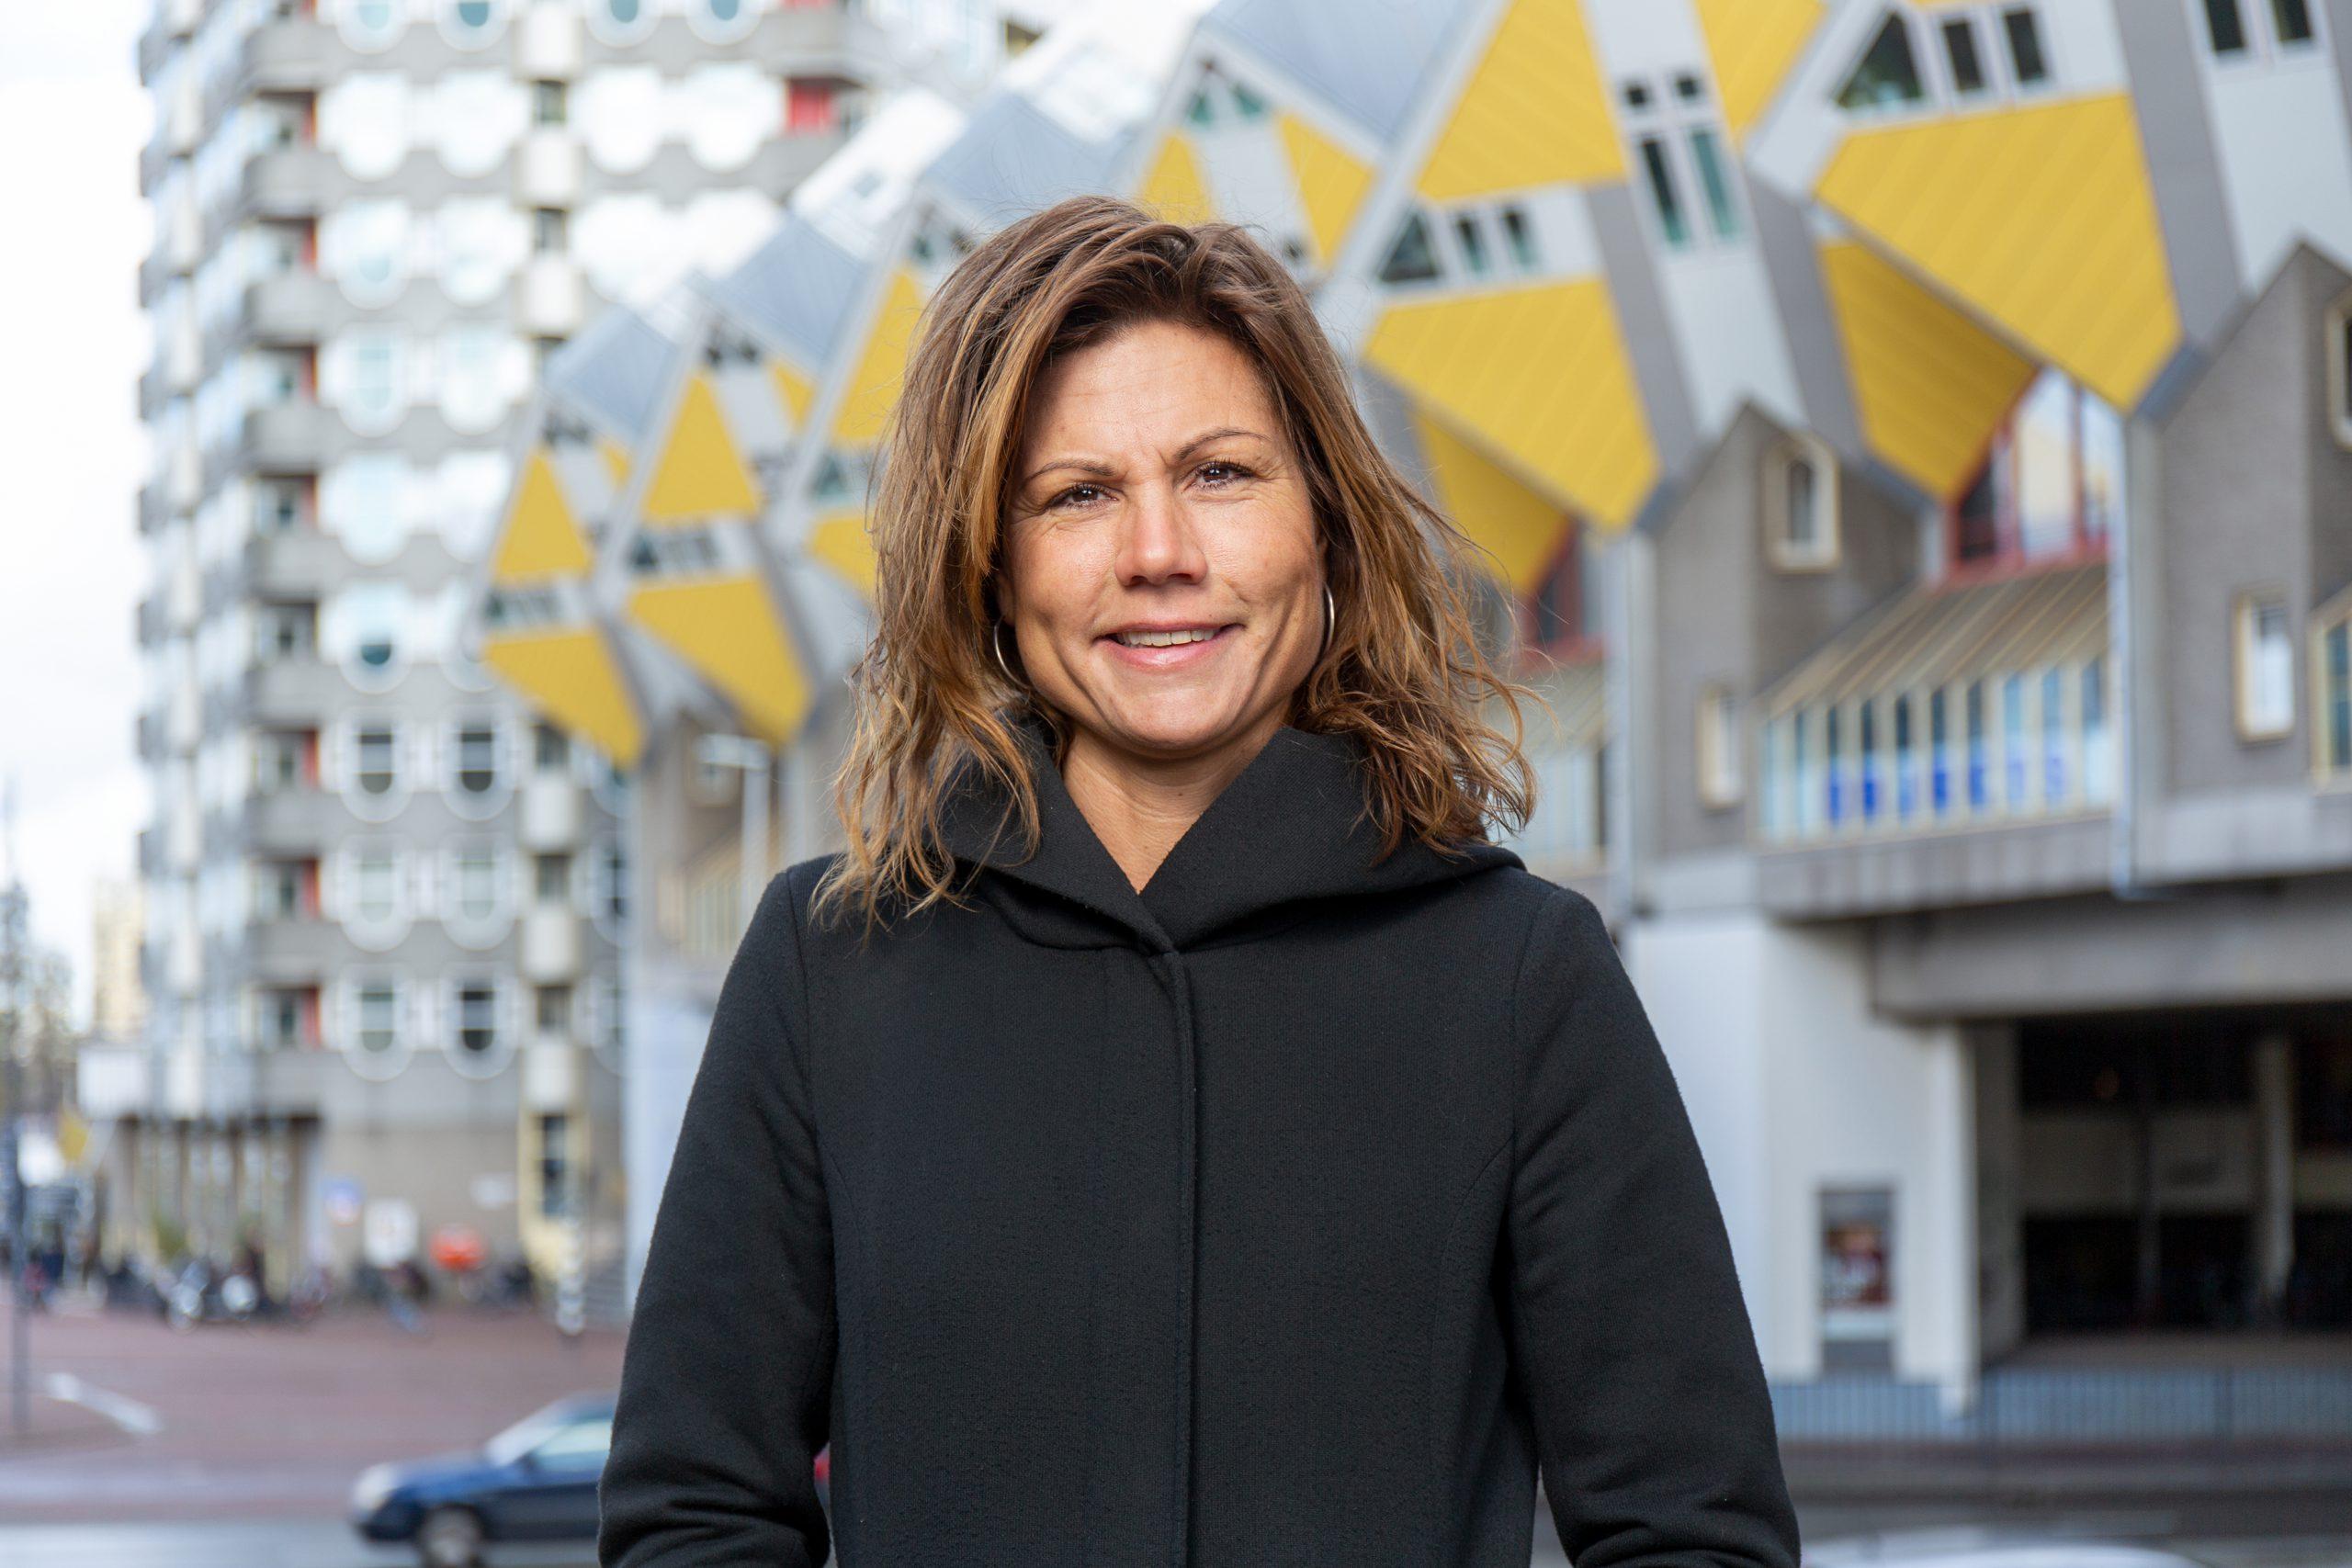 Seniorenmakelaar Sandra Muller